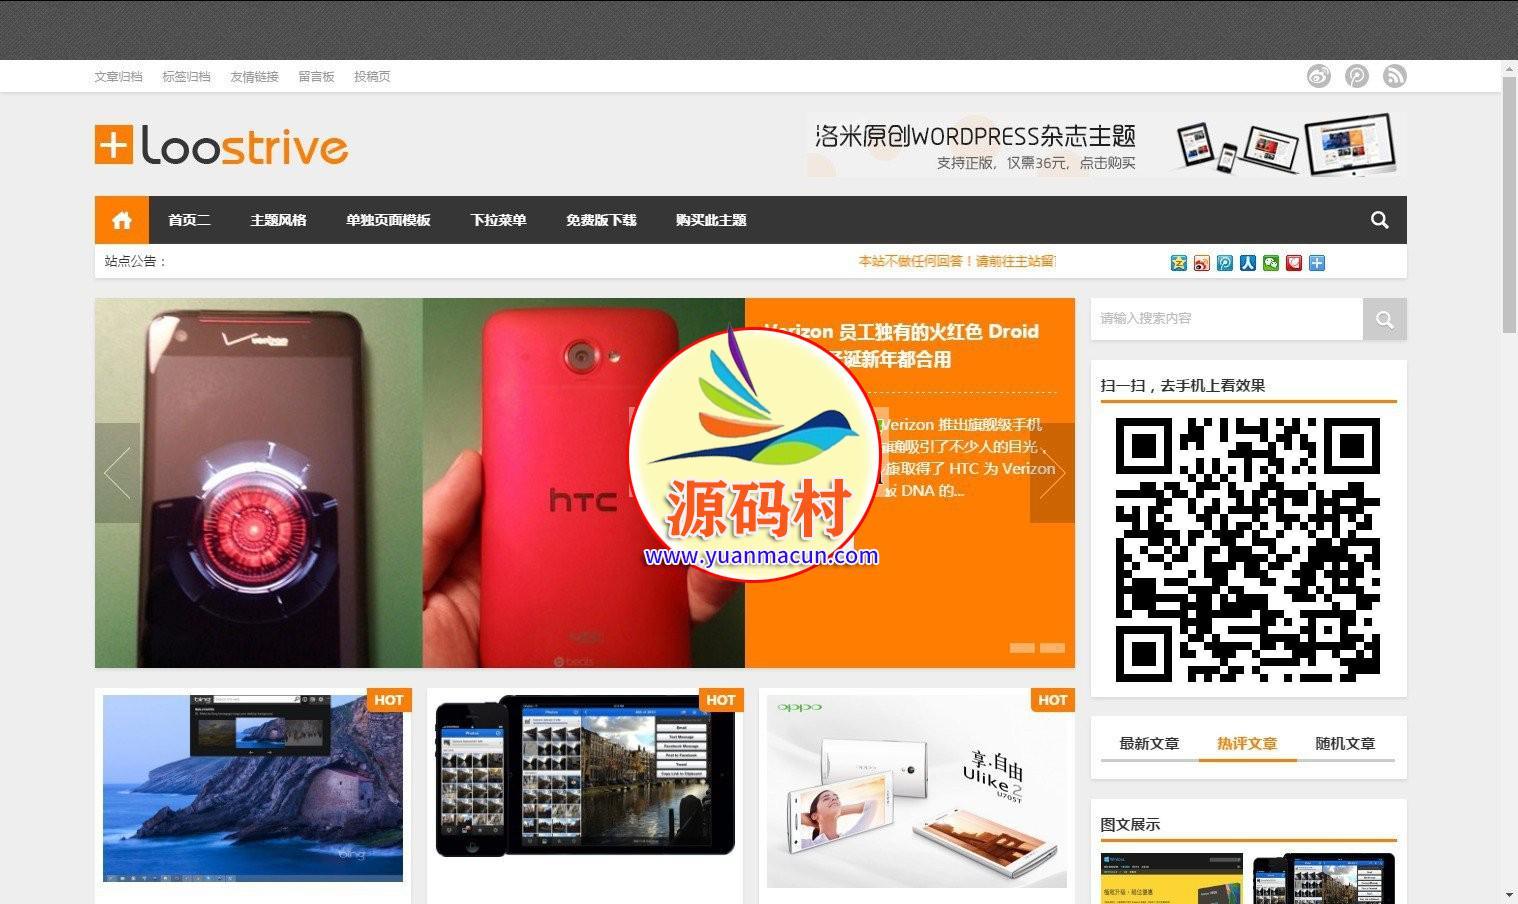 wp模板洛米Loostrive v1.3.1 原创响应式wordpress杂志中文wordpress主题下载